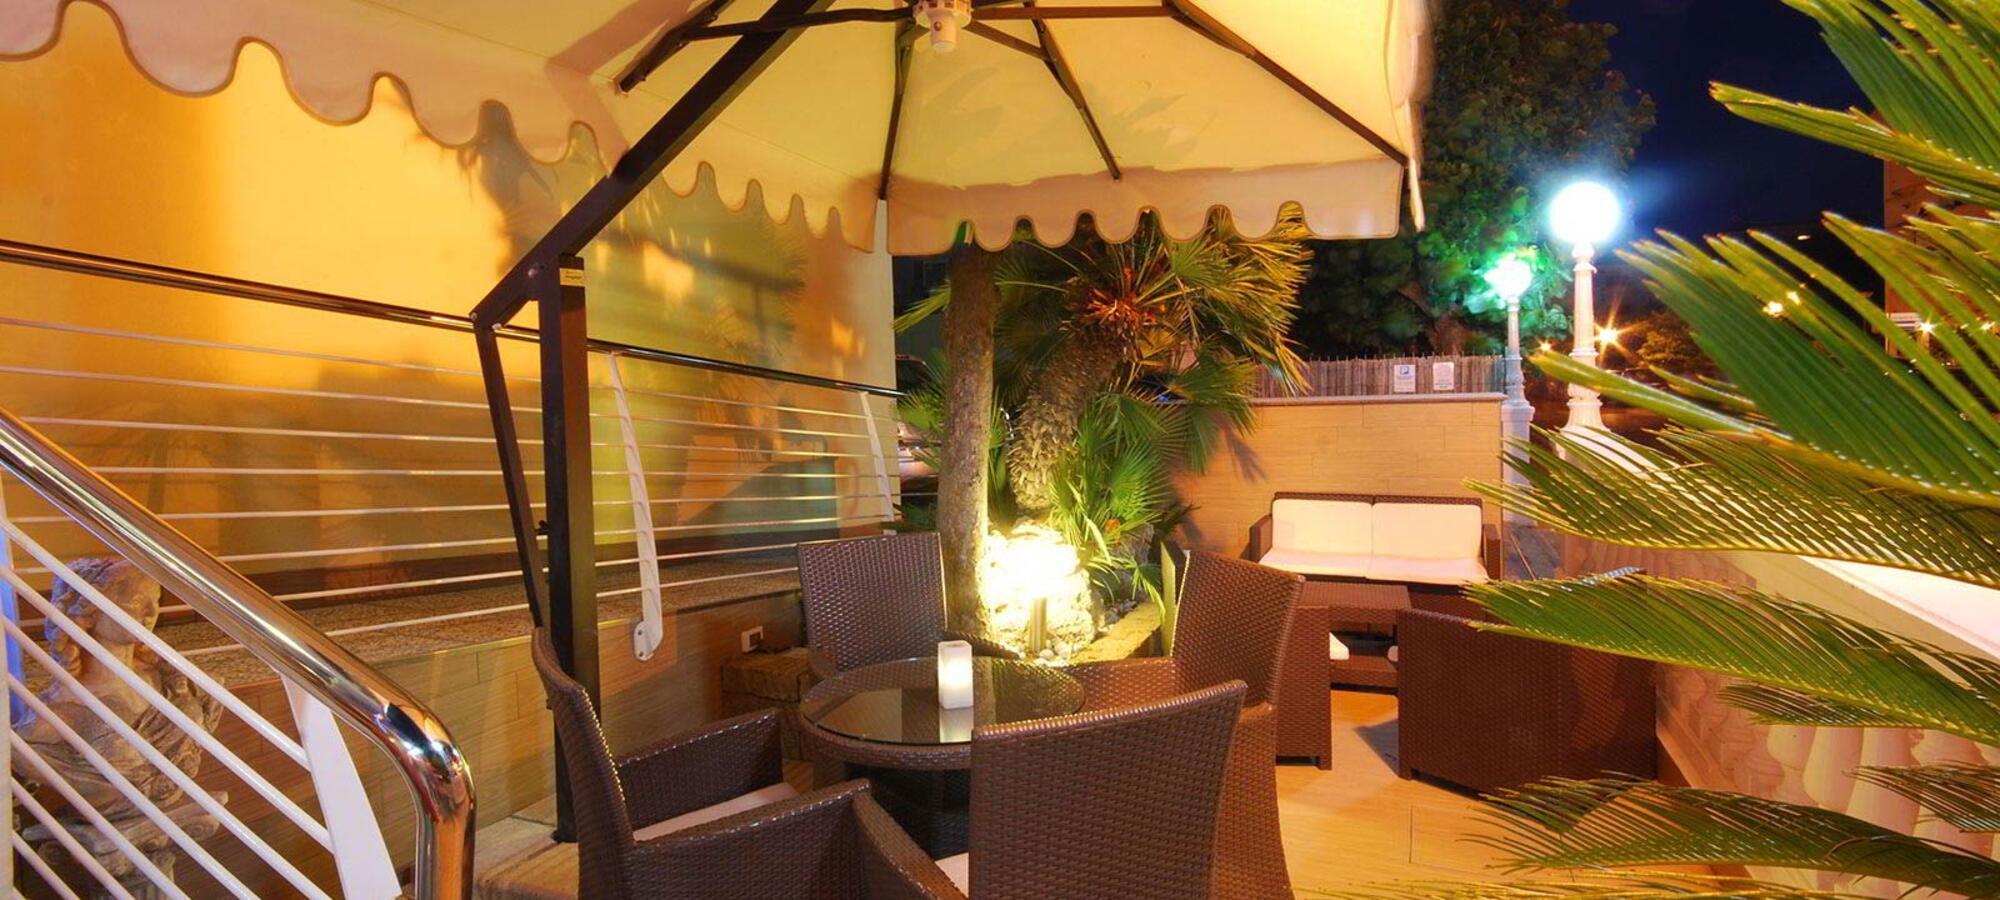 Hotel rimini 3 stelle sul mare con piscina hotel caesar paladium - Hotel sul mare con piscina ...